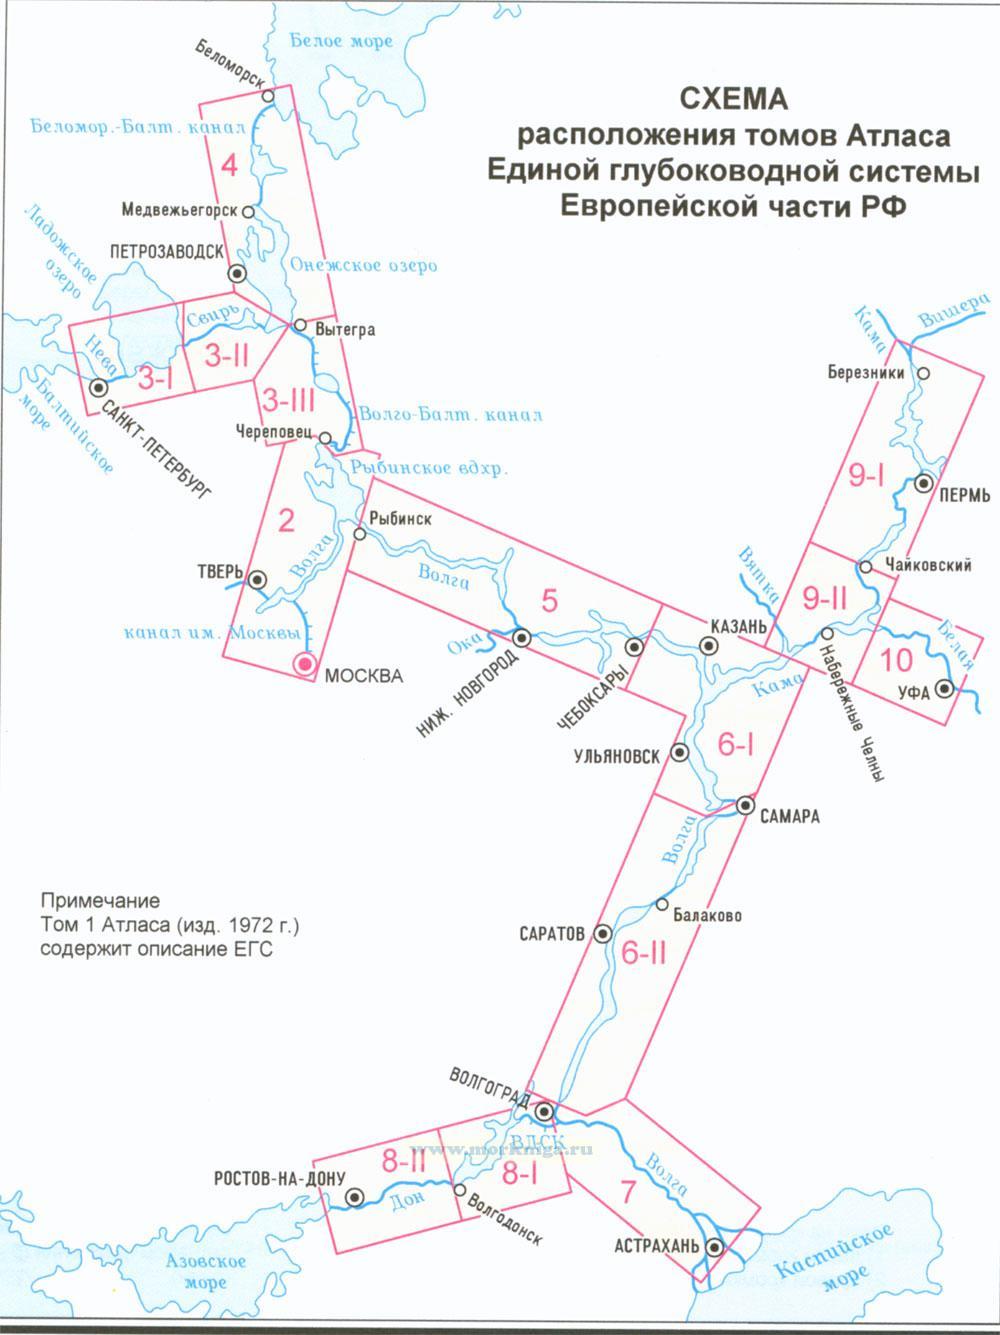 Атлас единой глубоководной системы Европейской части РФ. Том 3. Часть 1. Волго-Балтийский водный путь. Река Нева включаючая корректуру на начало 2017 года